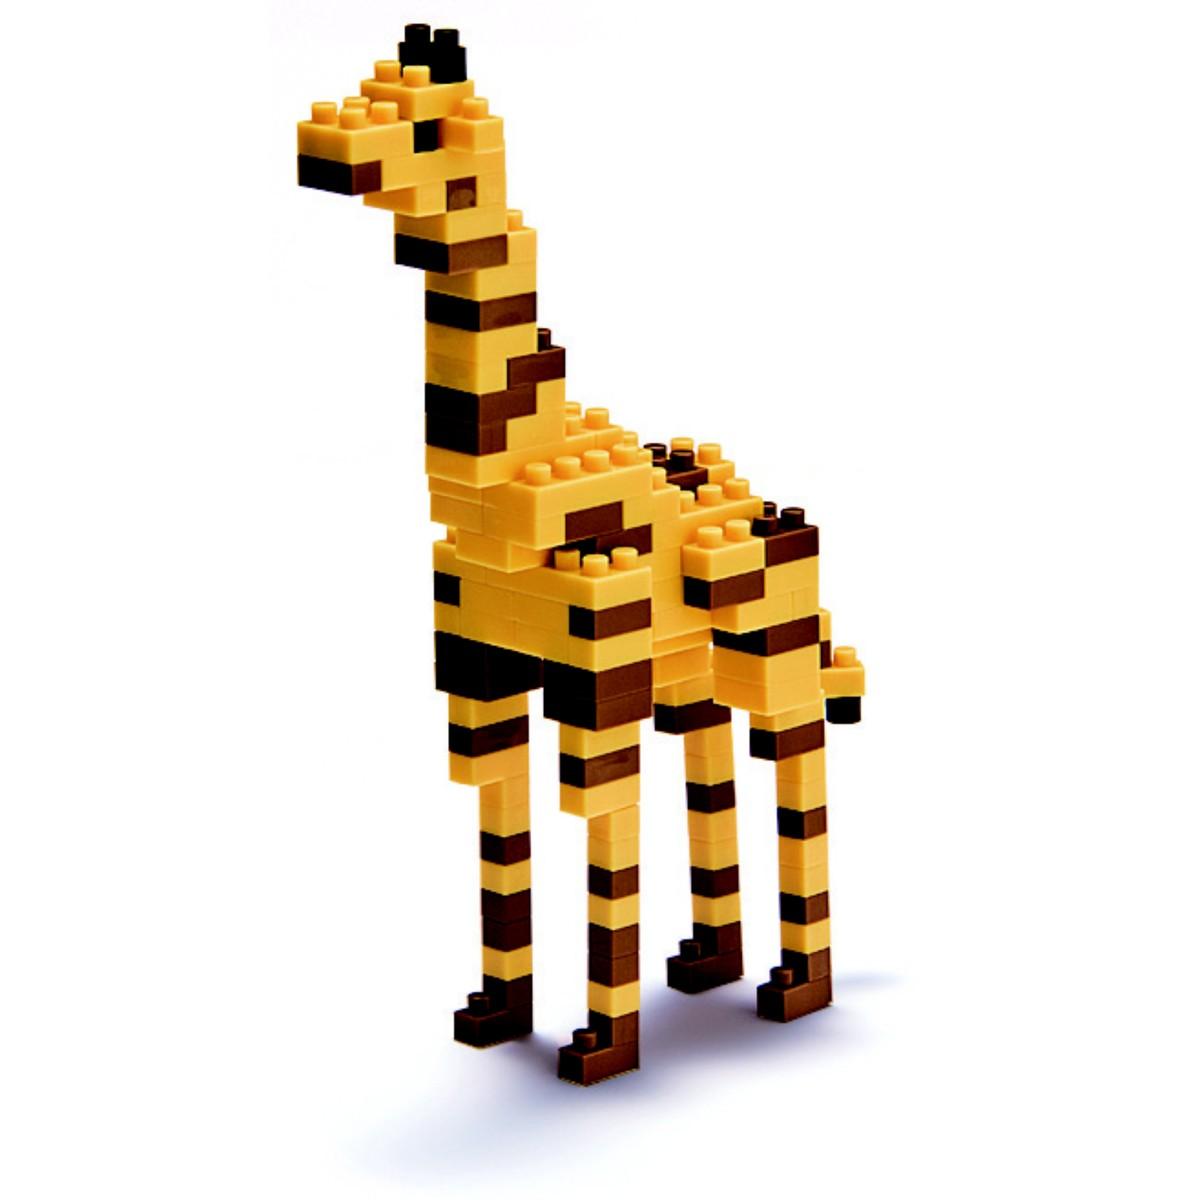 обеспокоенность жираф из лего картинки же, привыкшие